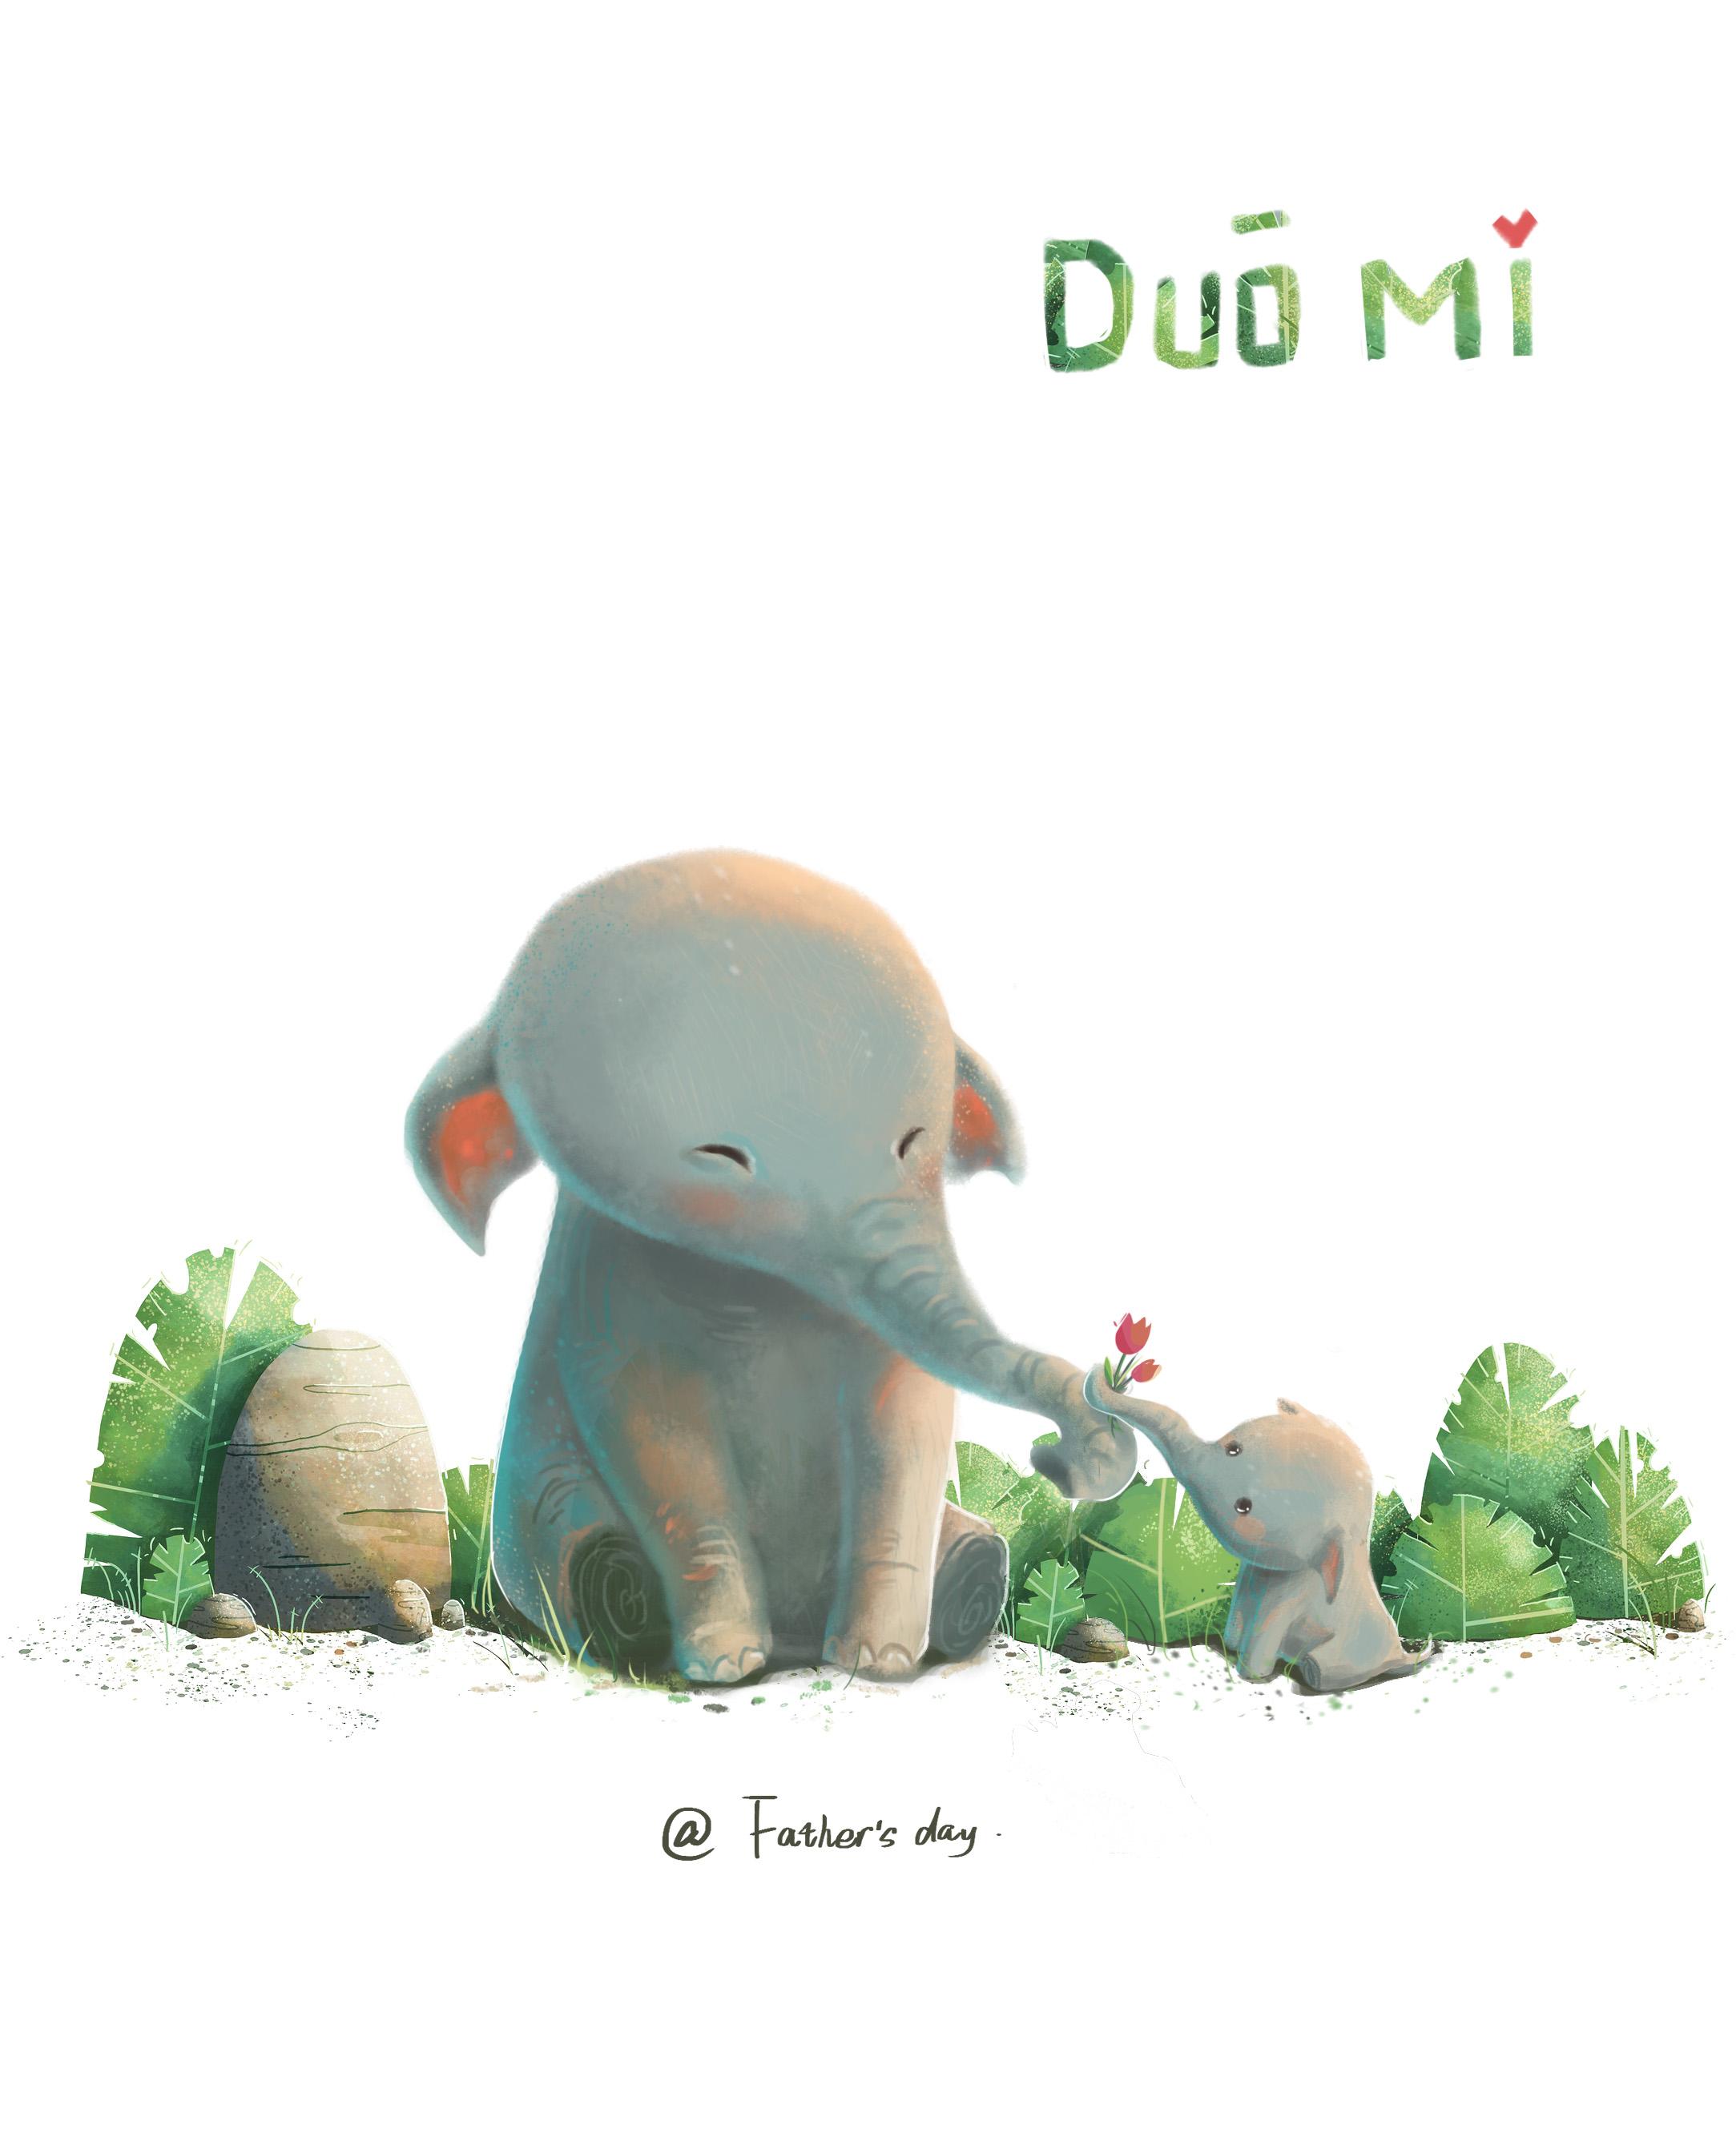 Duo Mi